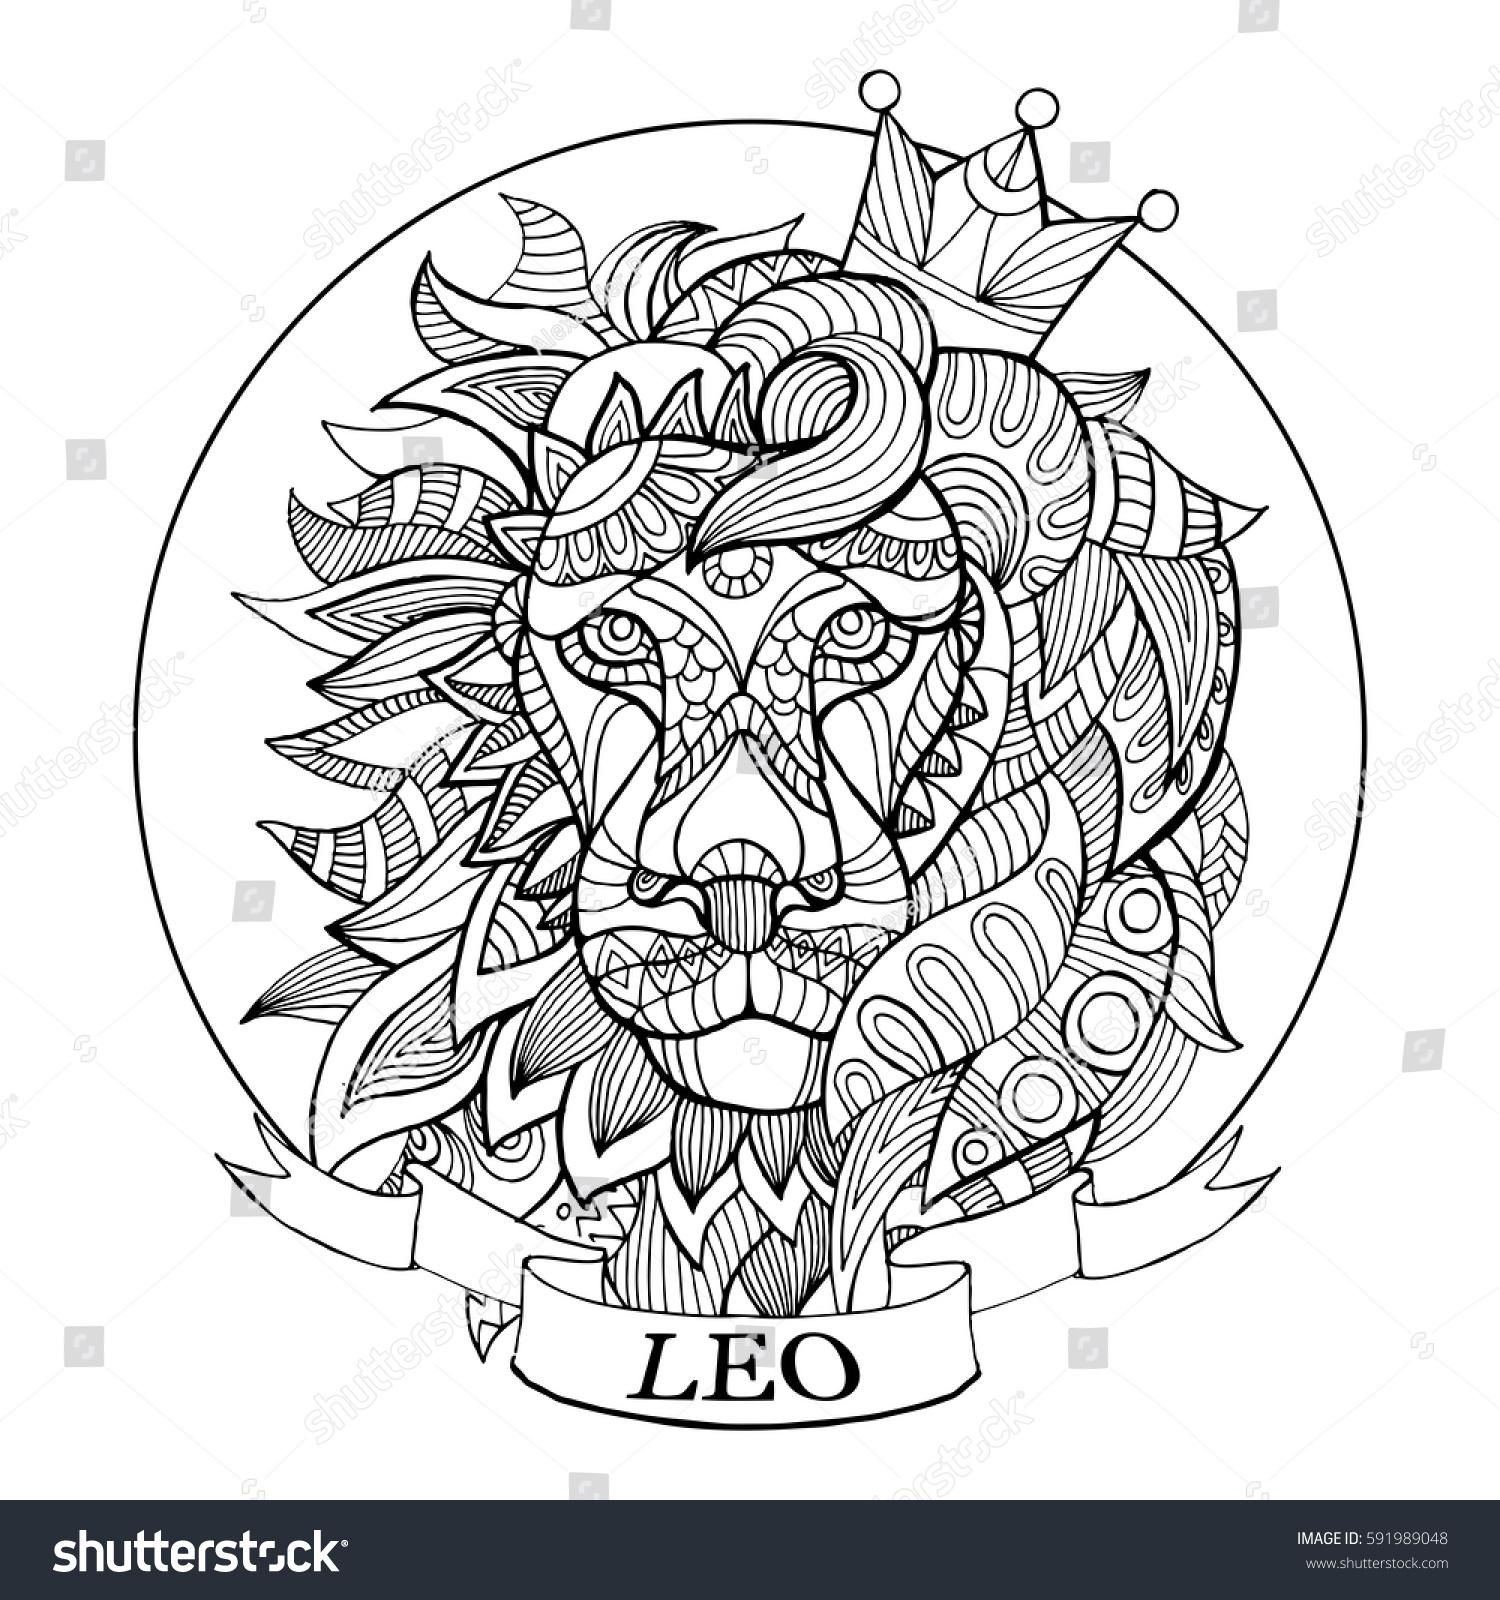 zodiac sign coloring book vector stock vector